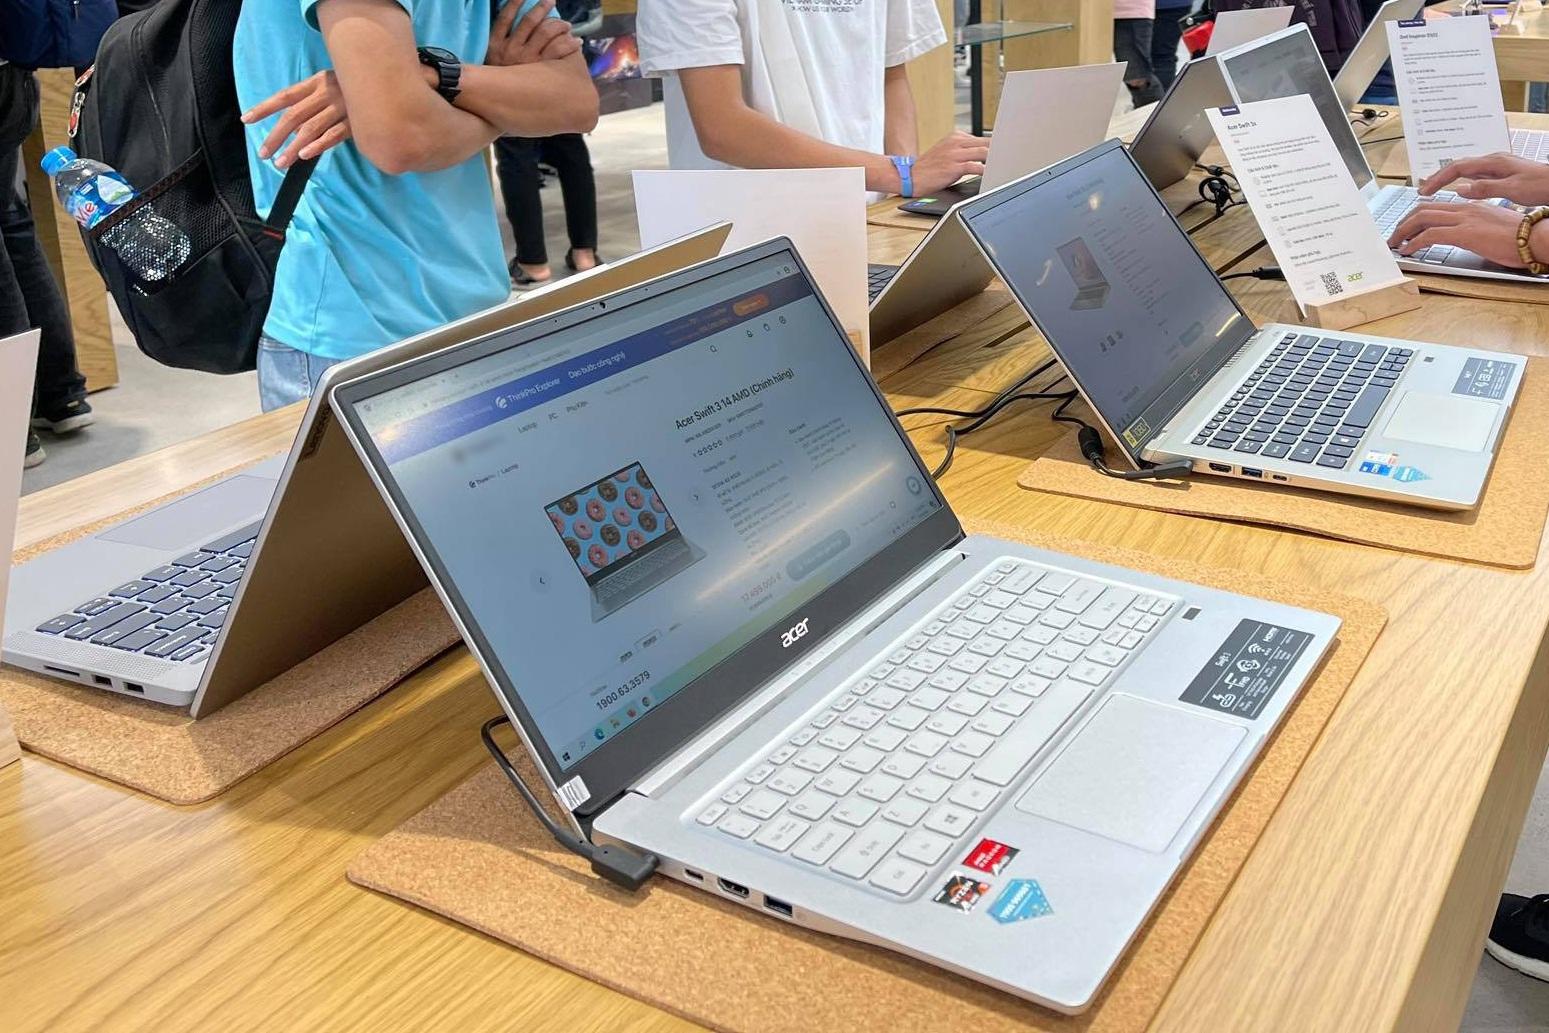 MacBook khan hàng, liên tục tăng giá tại Việt Nam - Ảnh 1.